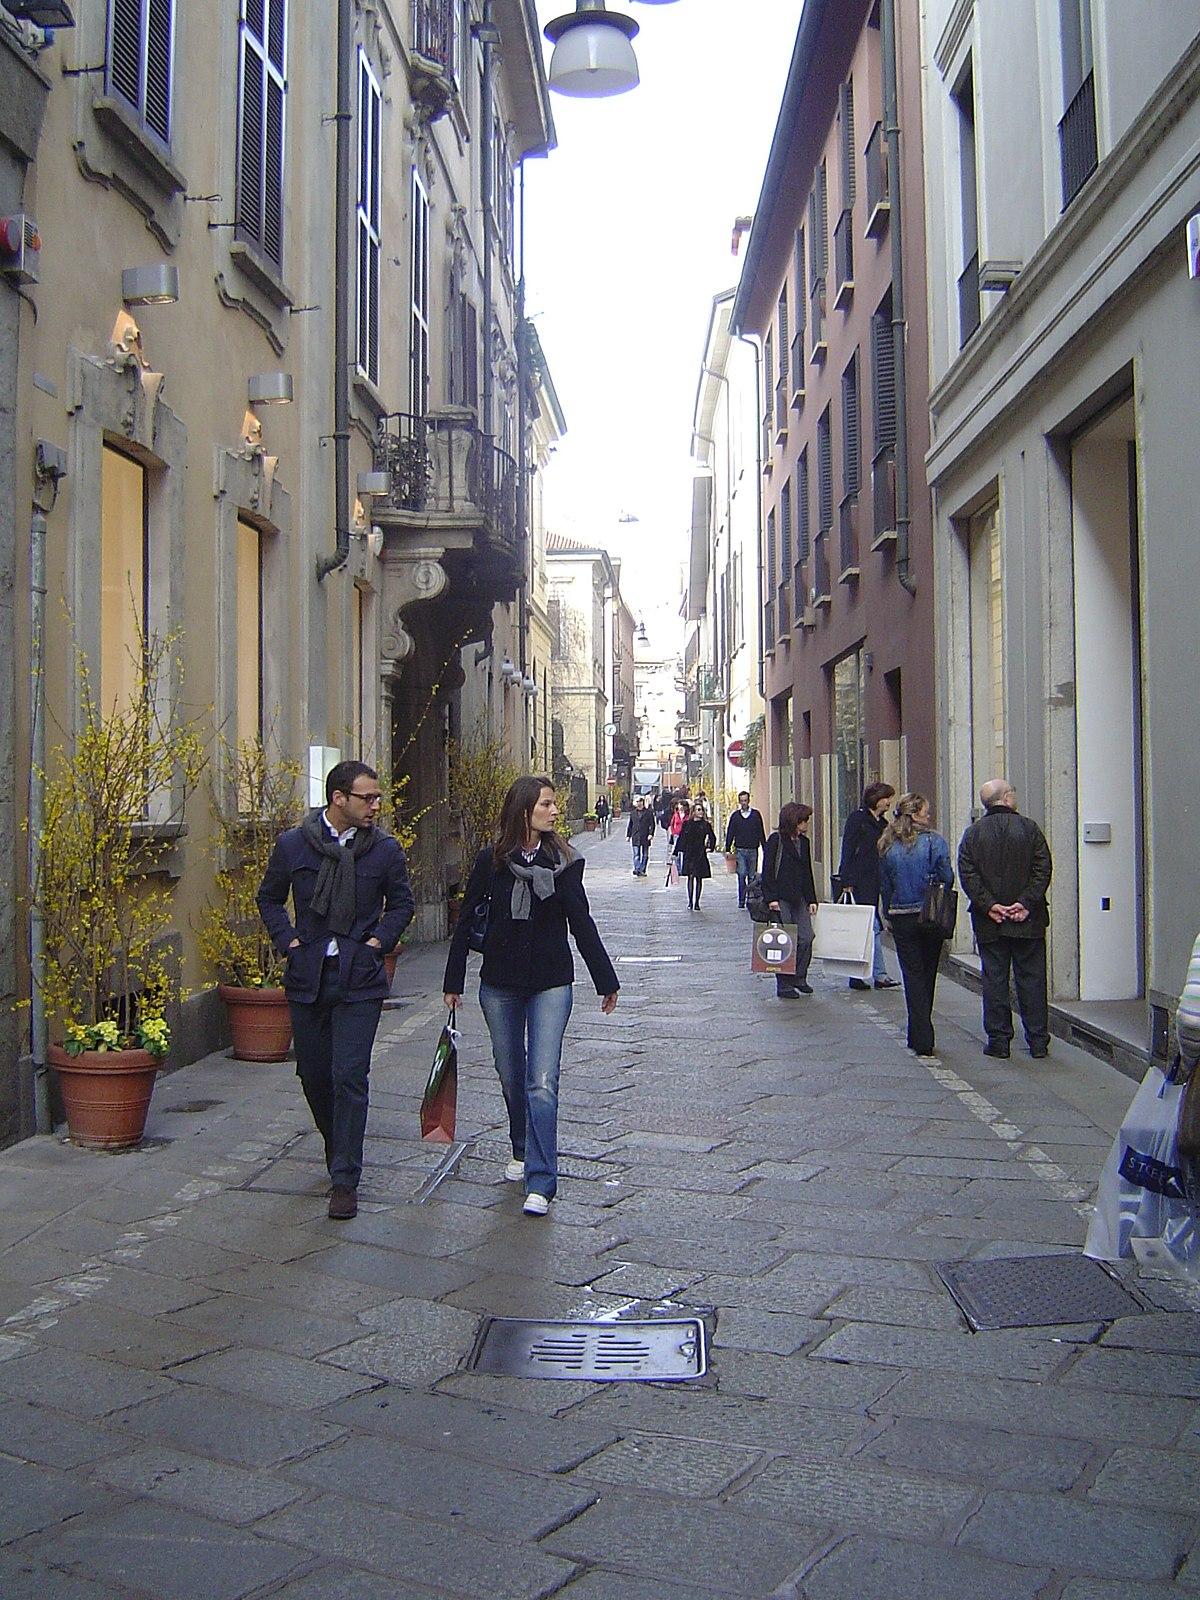 Via della Spiga - Wikipedia, la enciclopedia libre